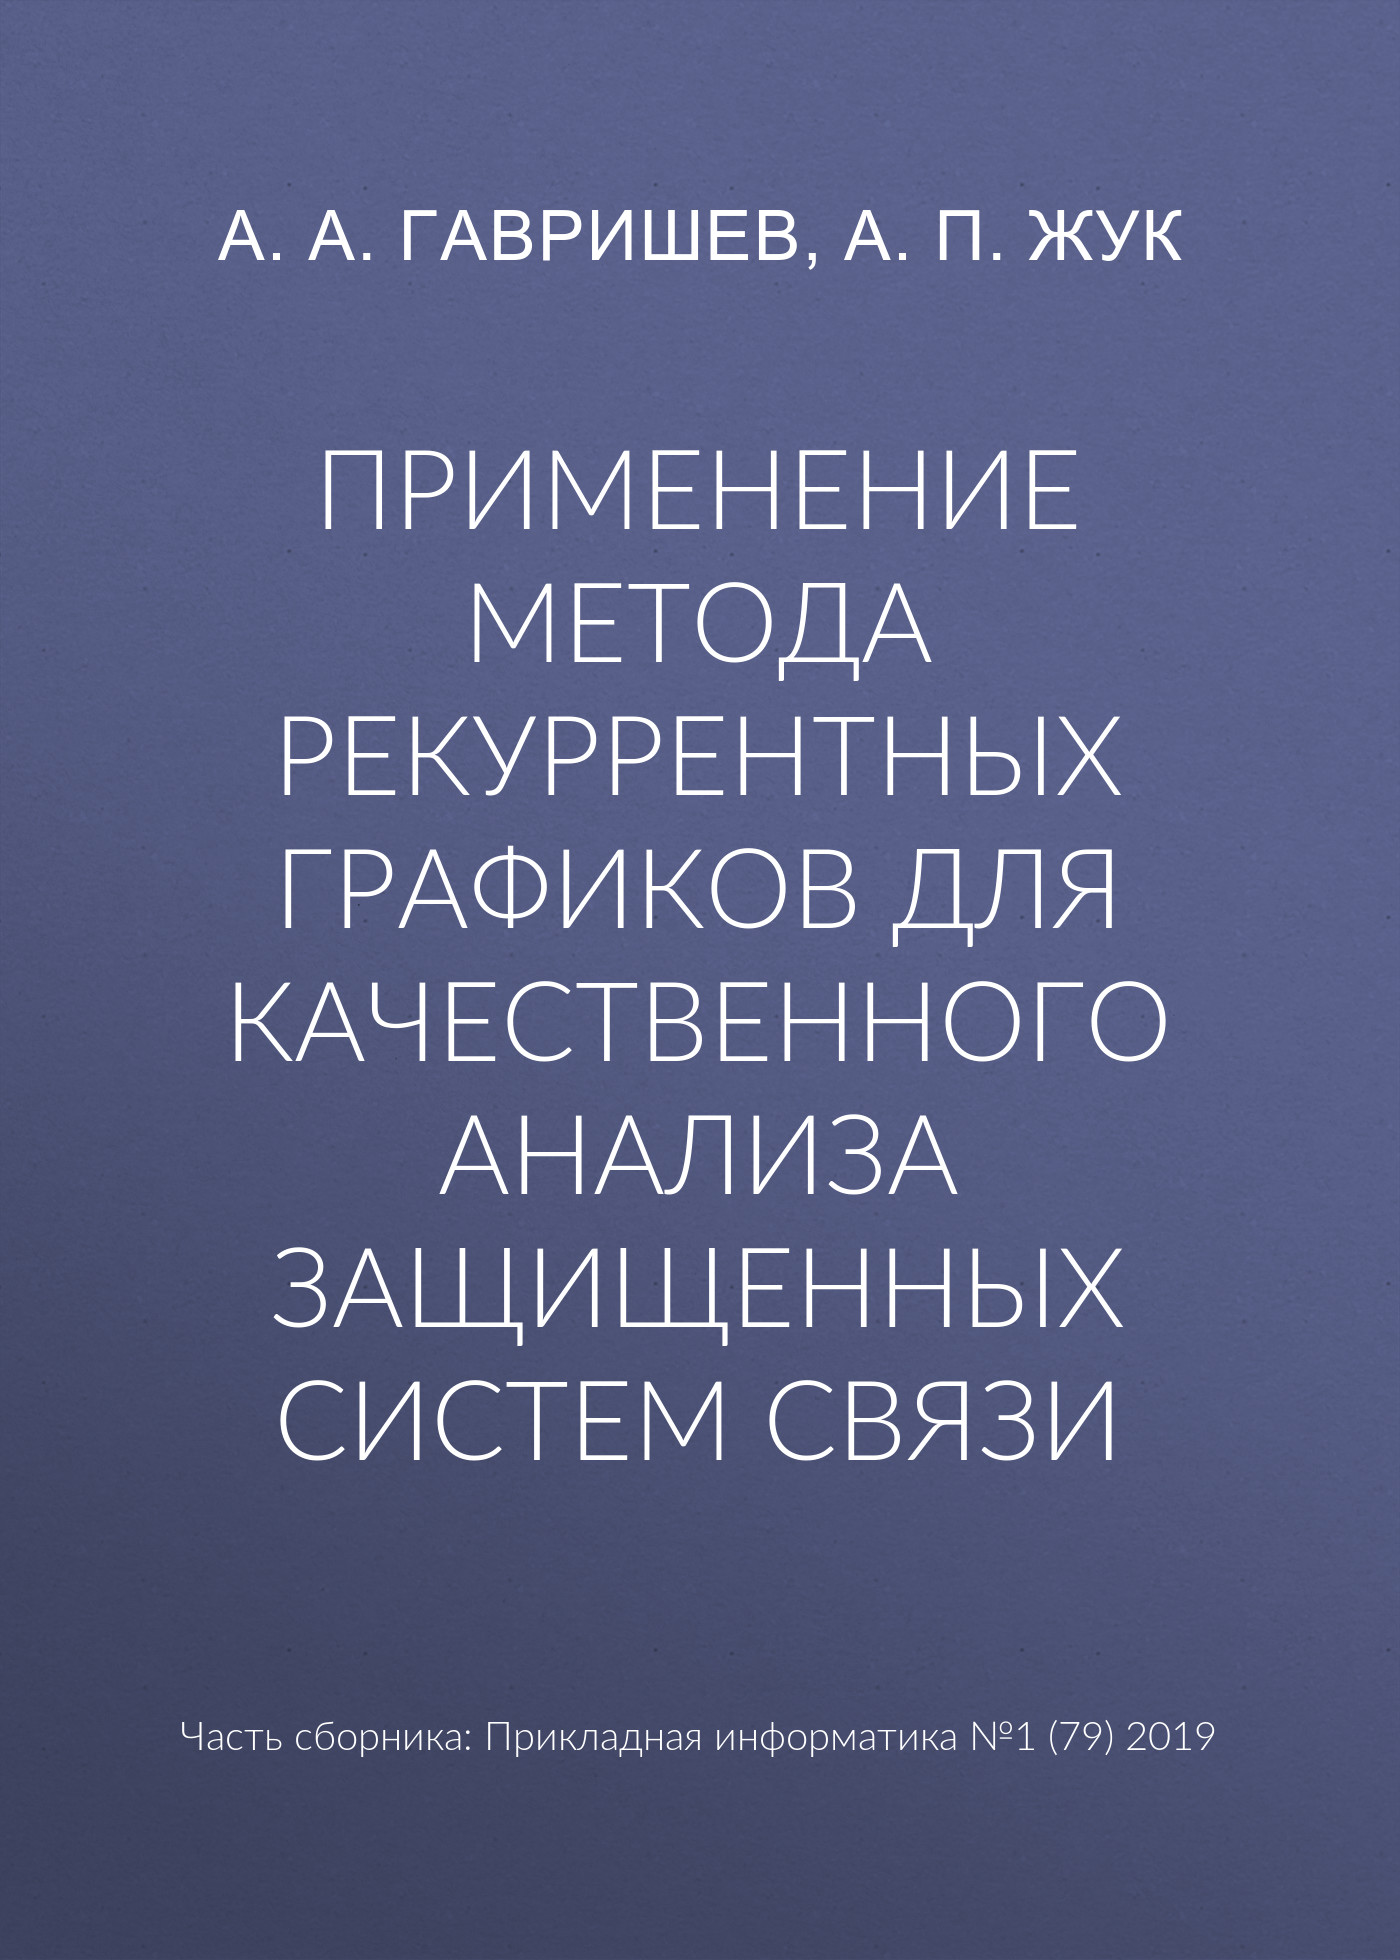 А. А. Гавришев Применение метода рекуррентных графиков для качественного анализа защищенных систем связи